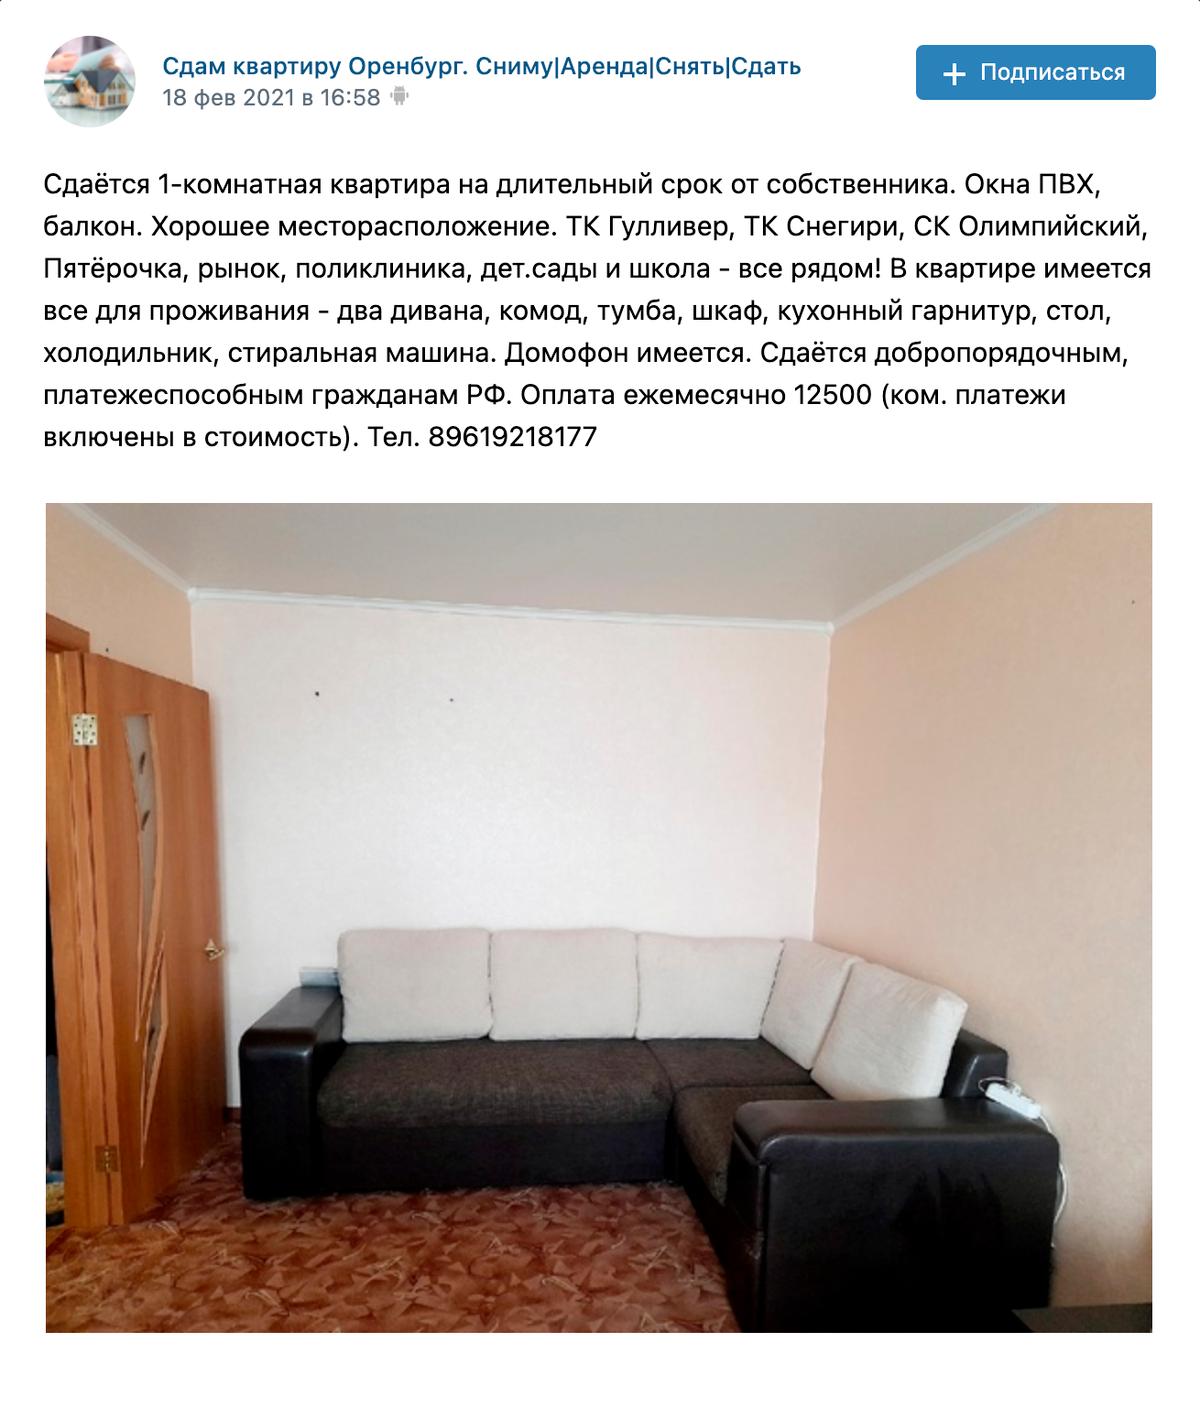 Однокомнатная квартира в Промышленном районе